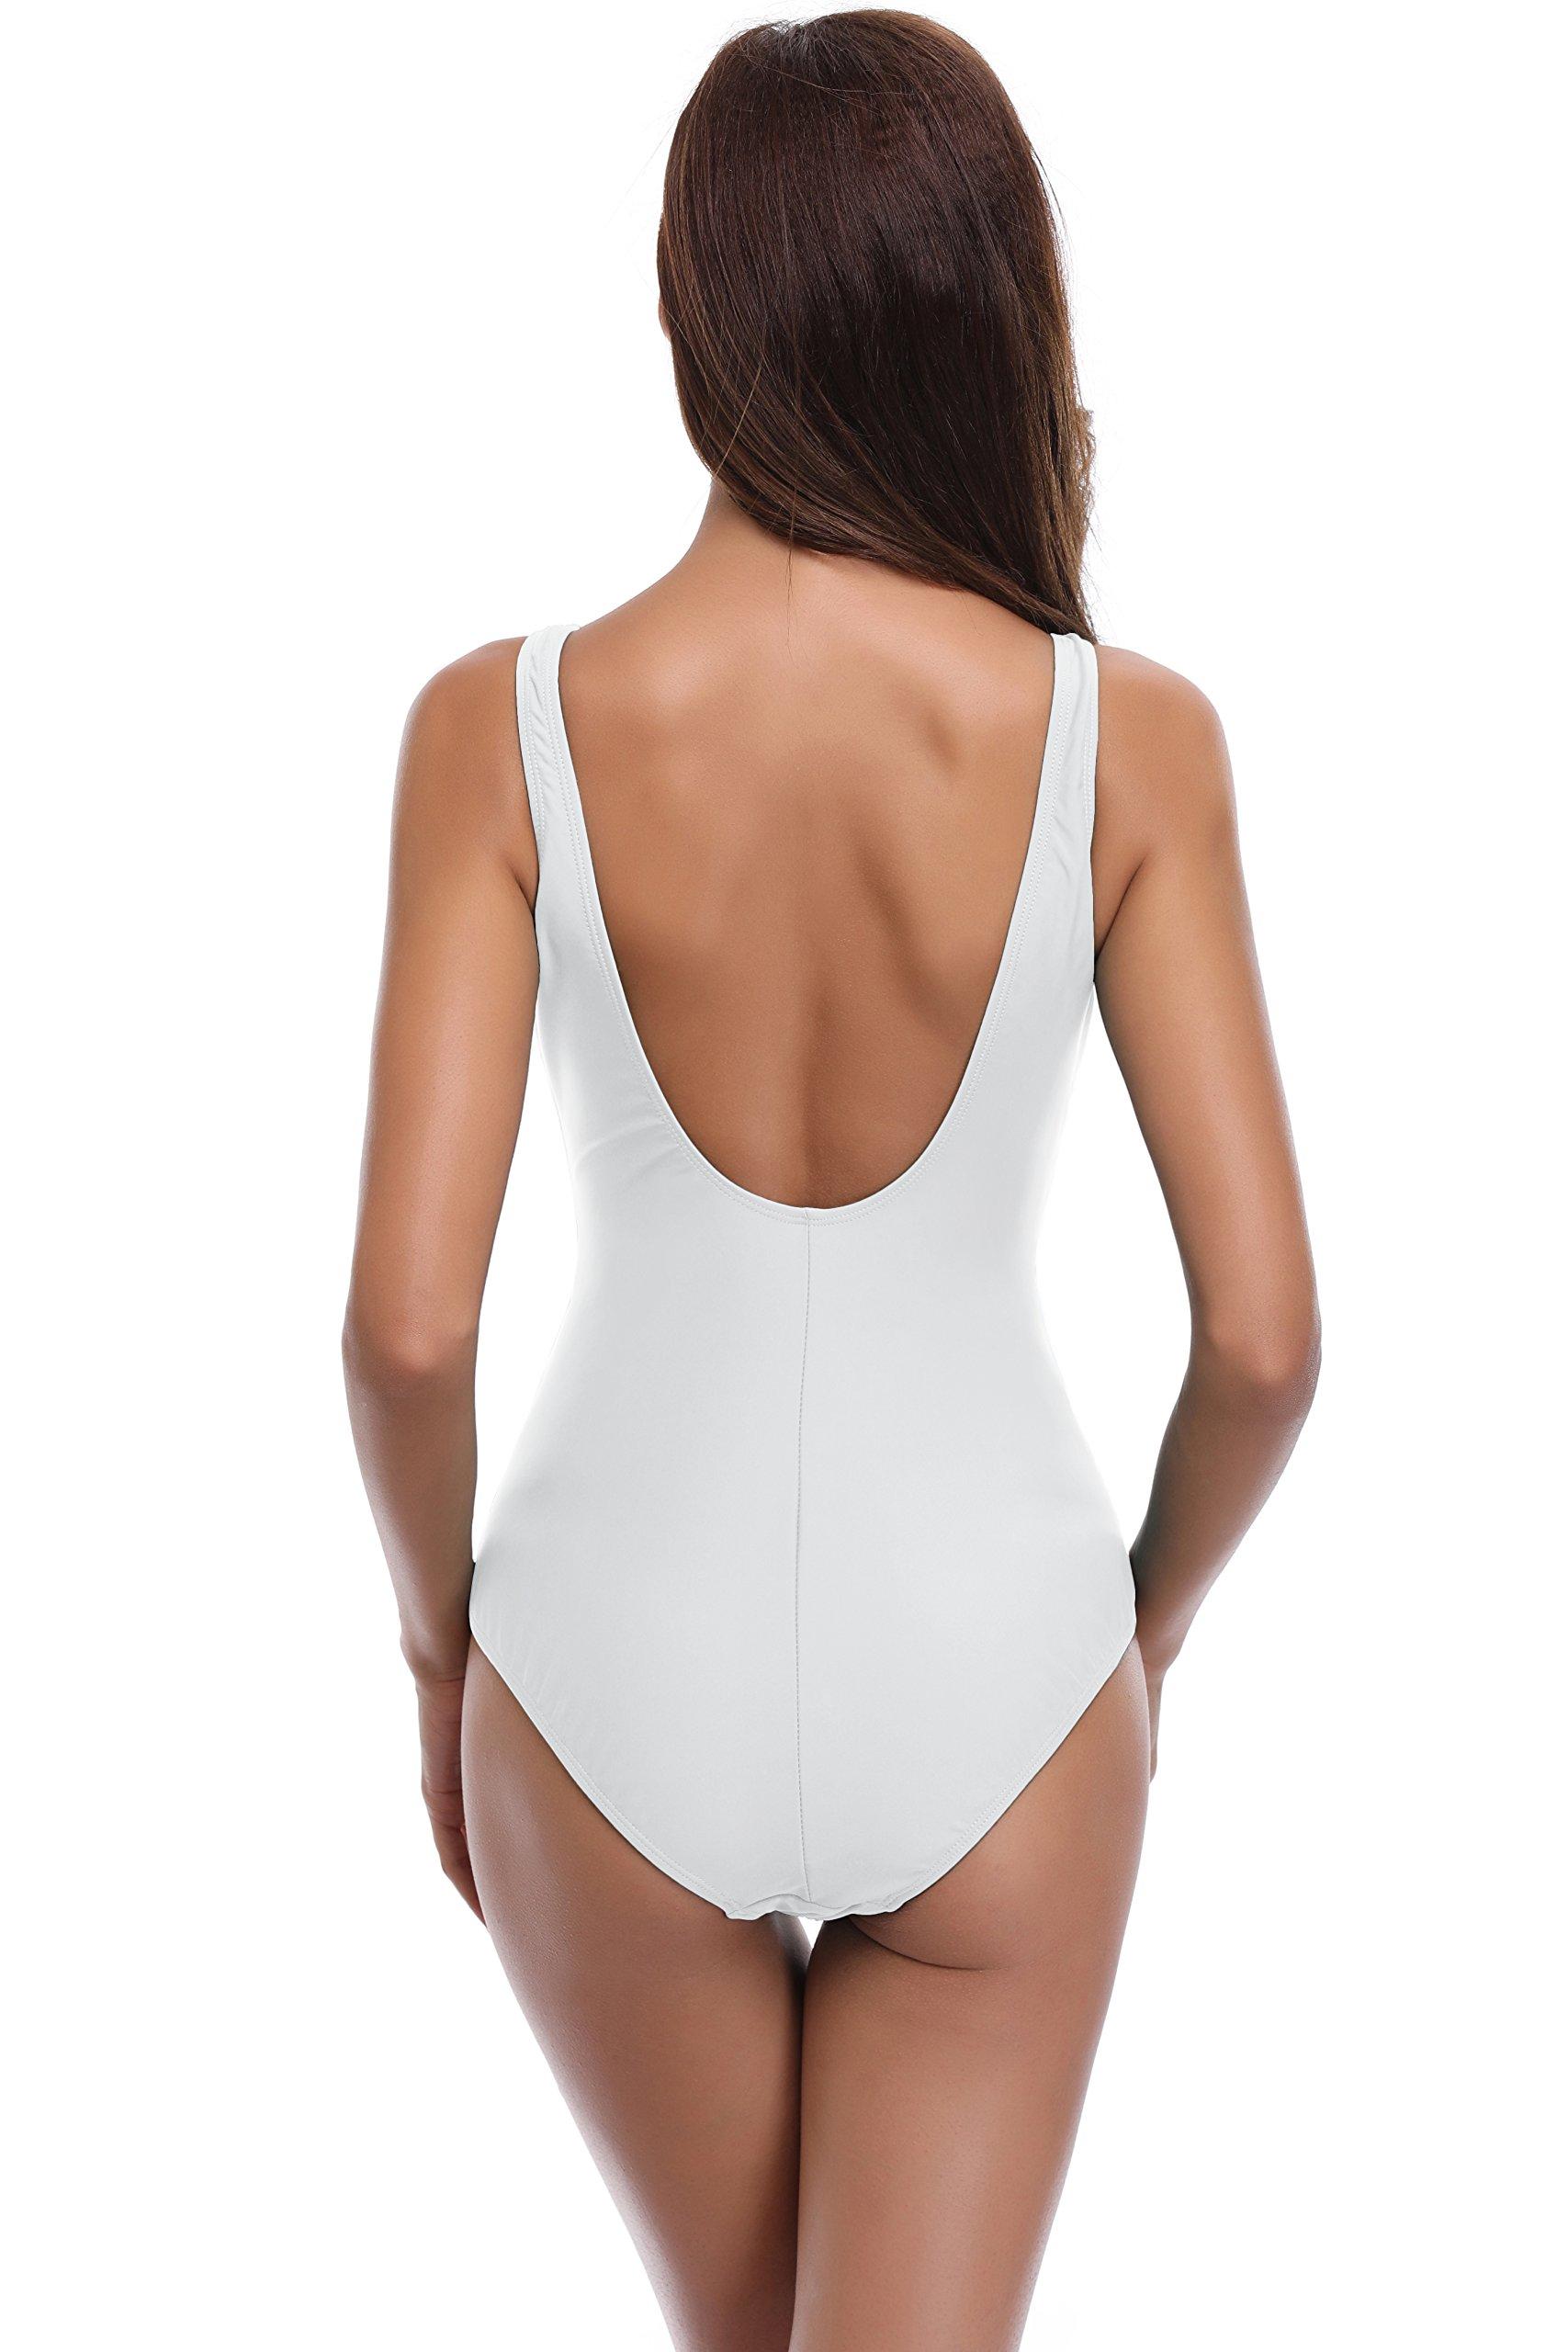 SHEKINI Costume da Bagno Intero Mare da Donna Push up Vintage Halter Bikini con morbide Coppe Moda Un Pezzo Sexy… 2 spesavip